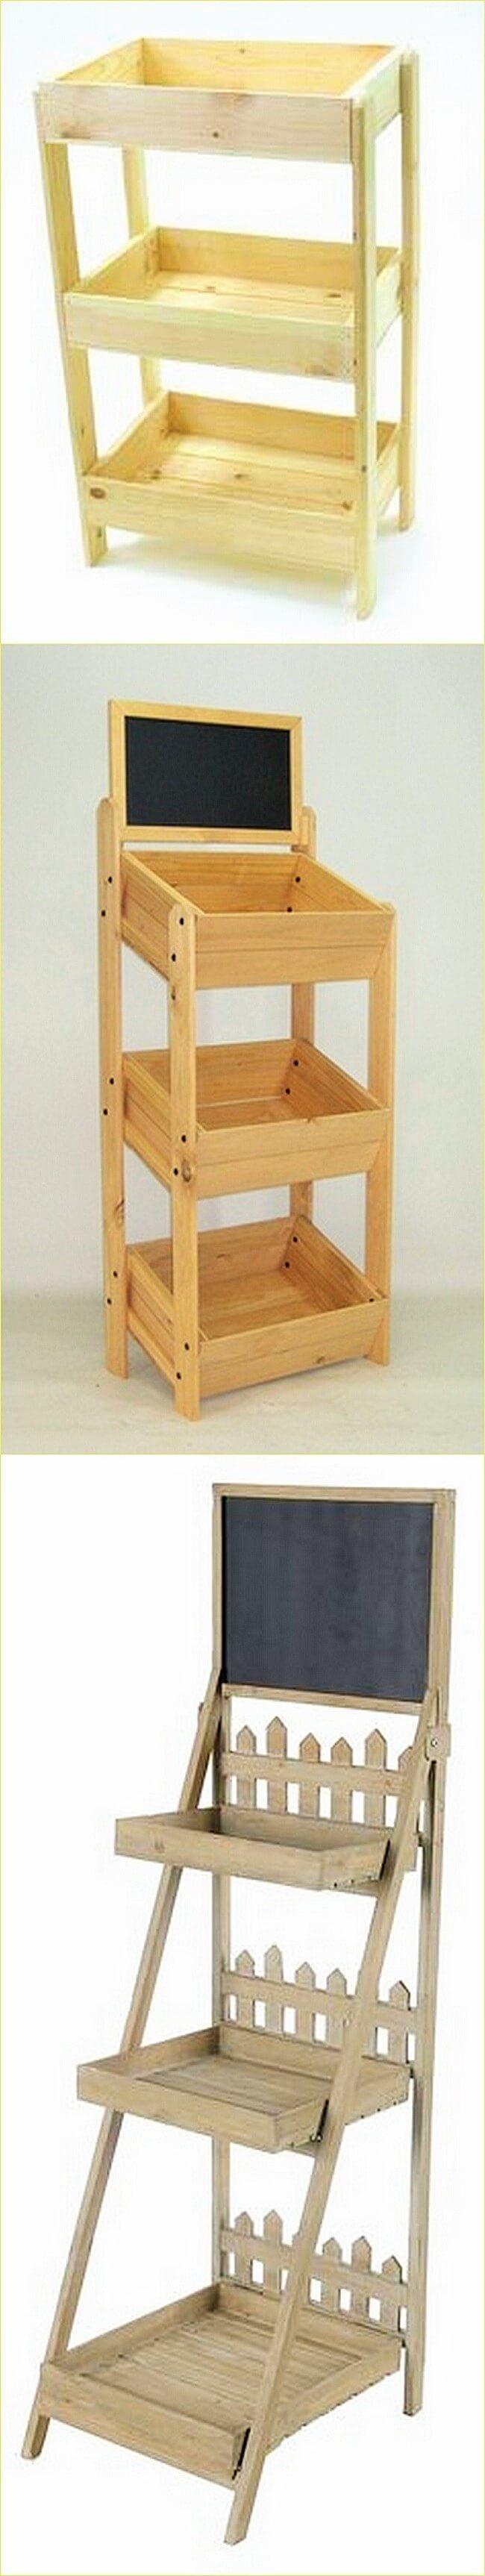 Pallet-Storage-Box-Ideas